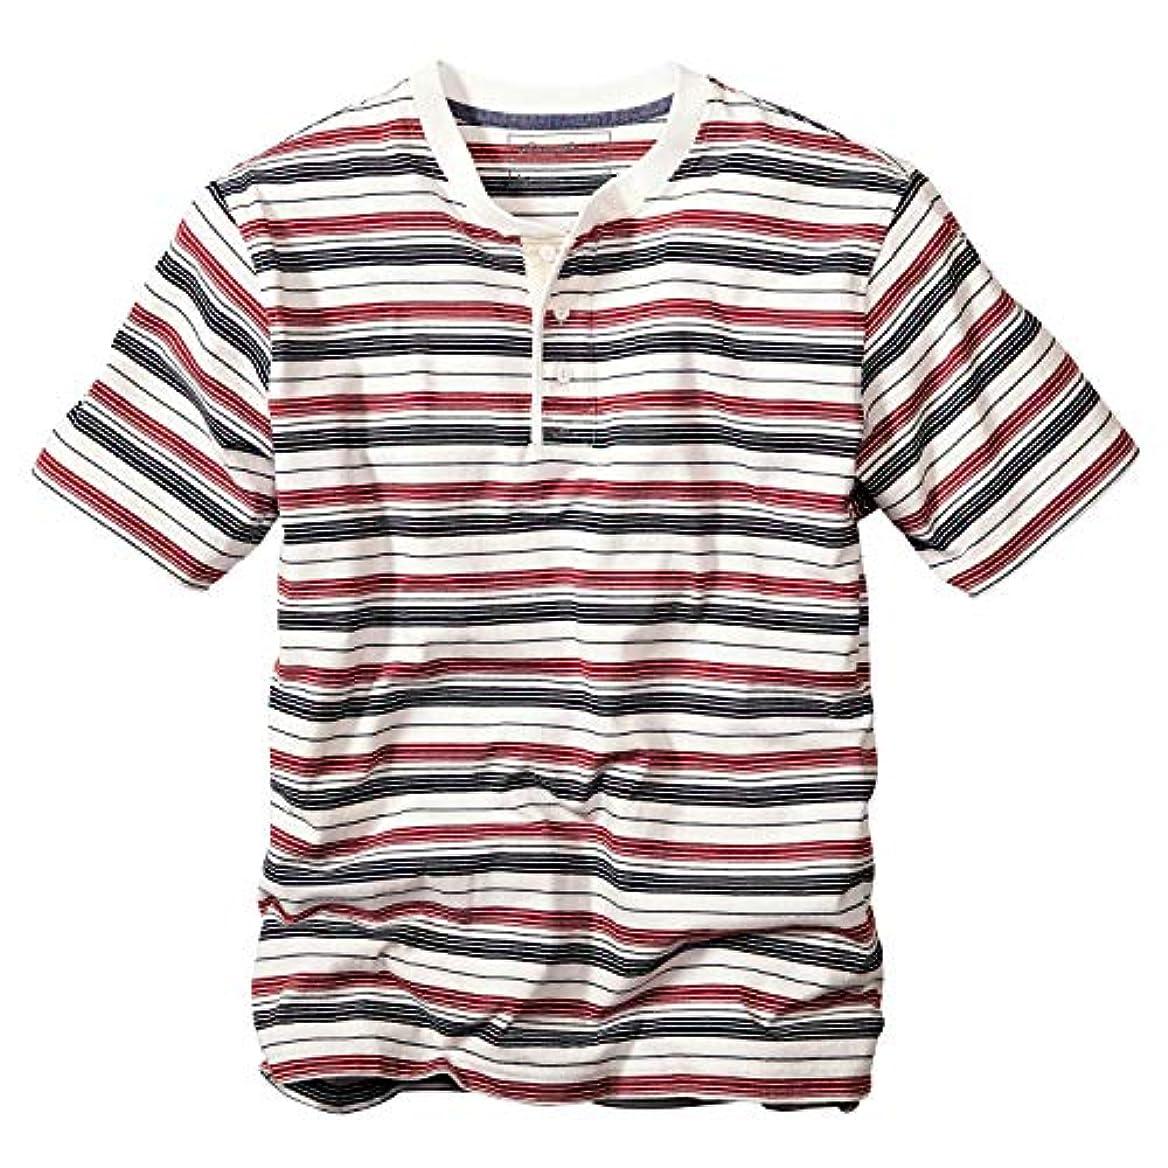 知らせるパトワ透けて見える(エディー?バウアー) Eddie Bauer メンズ 半袖Tシャツ 半袖ヘンリーネックTシャツ